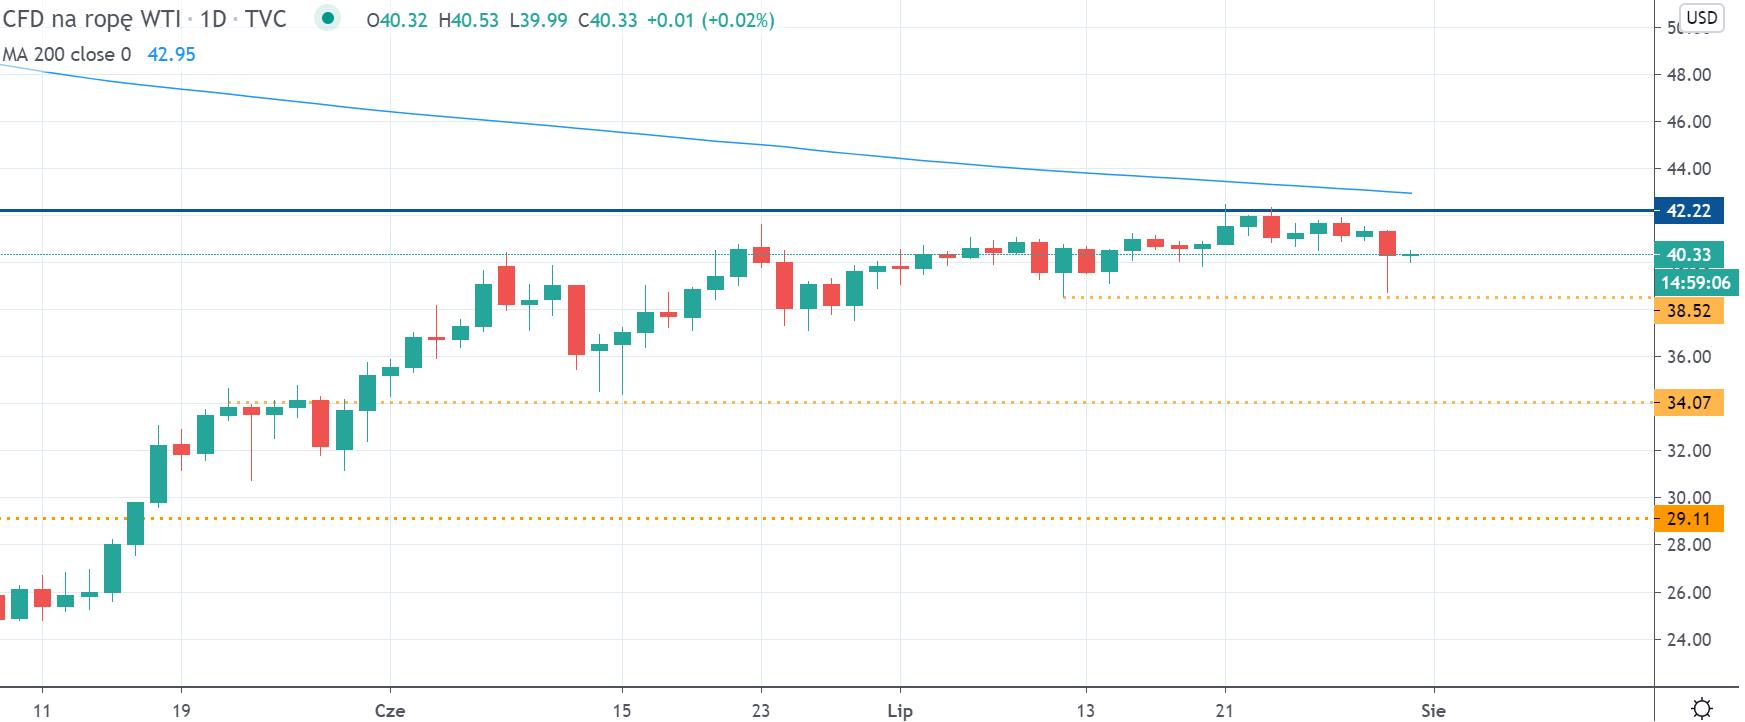 Kurs ropy naftowej WTI na interwale dziennym, tradingview